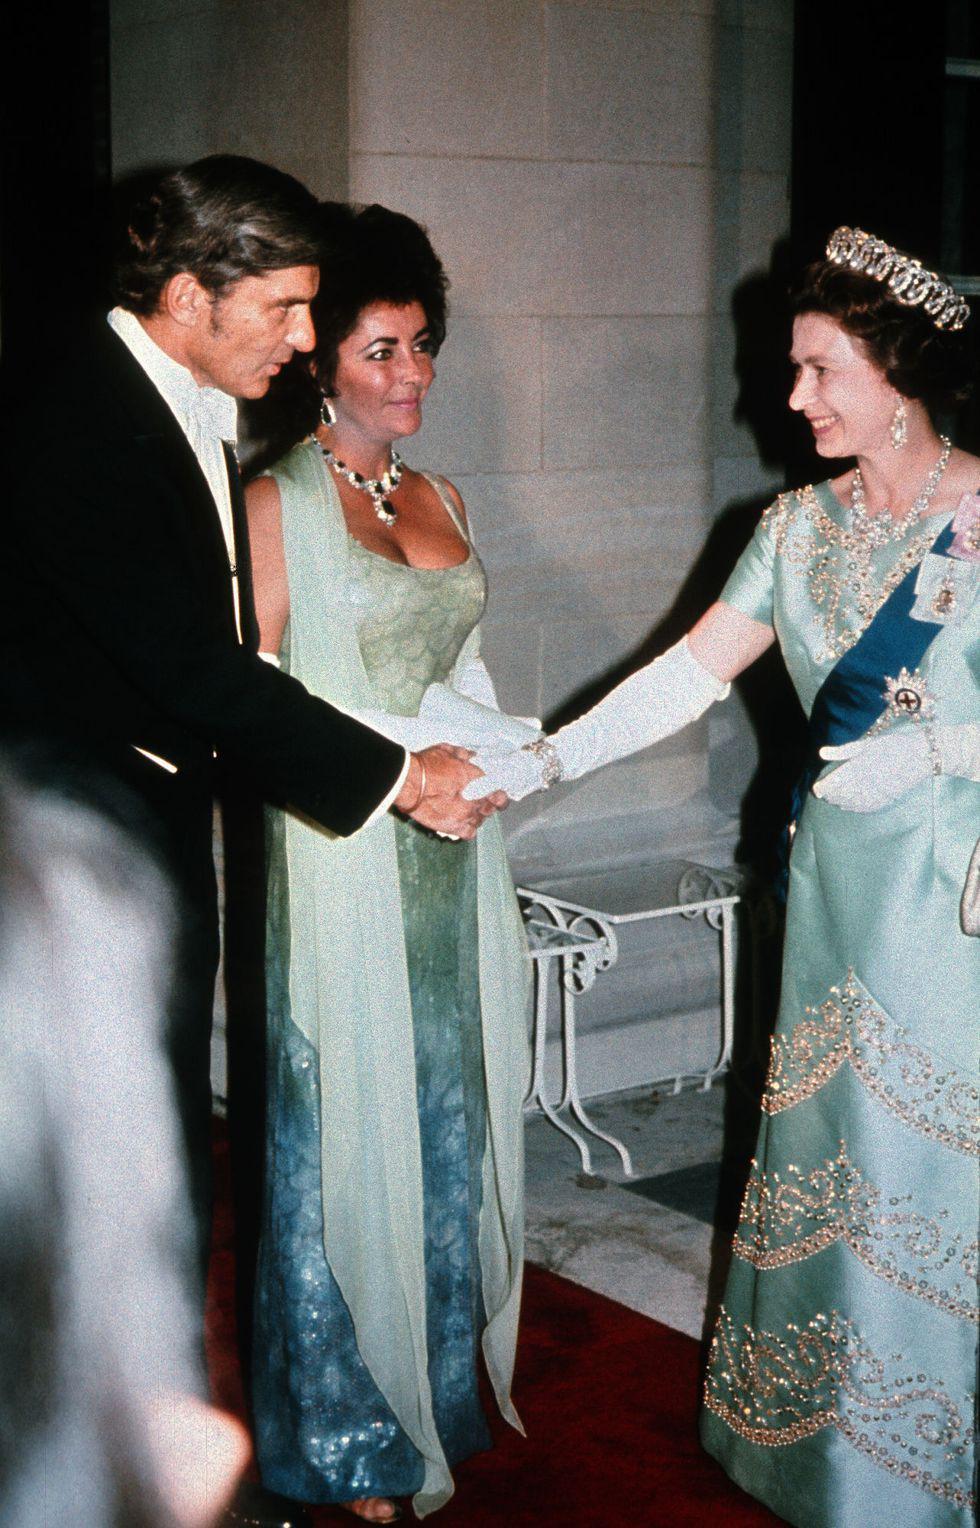 Điểm danh những ngôi sao vinh dự được diện kiến Nữ hoàng Anh Ảnh 2